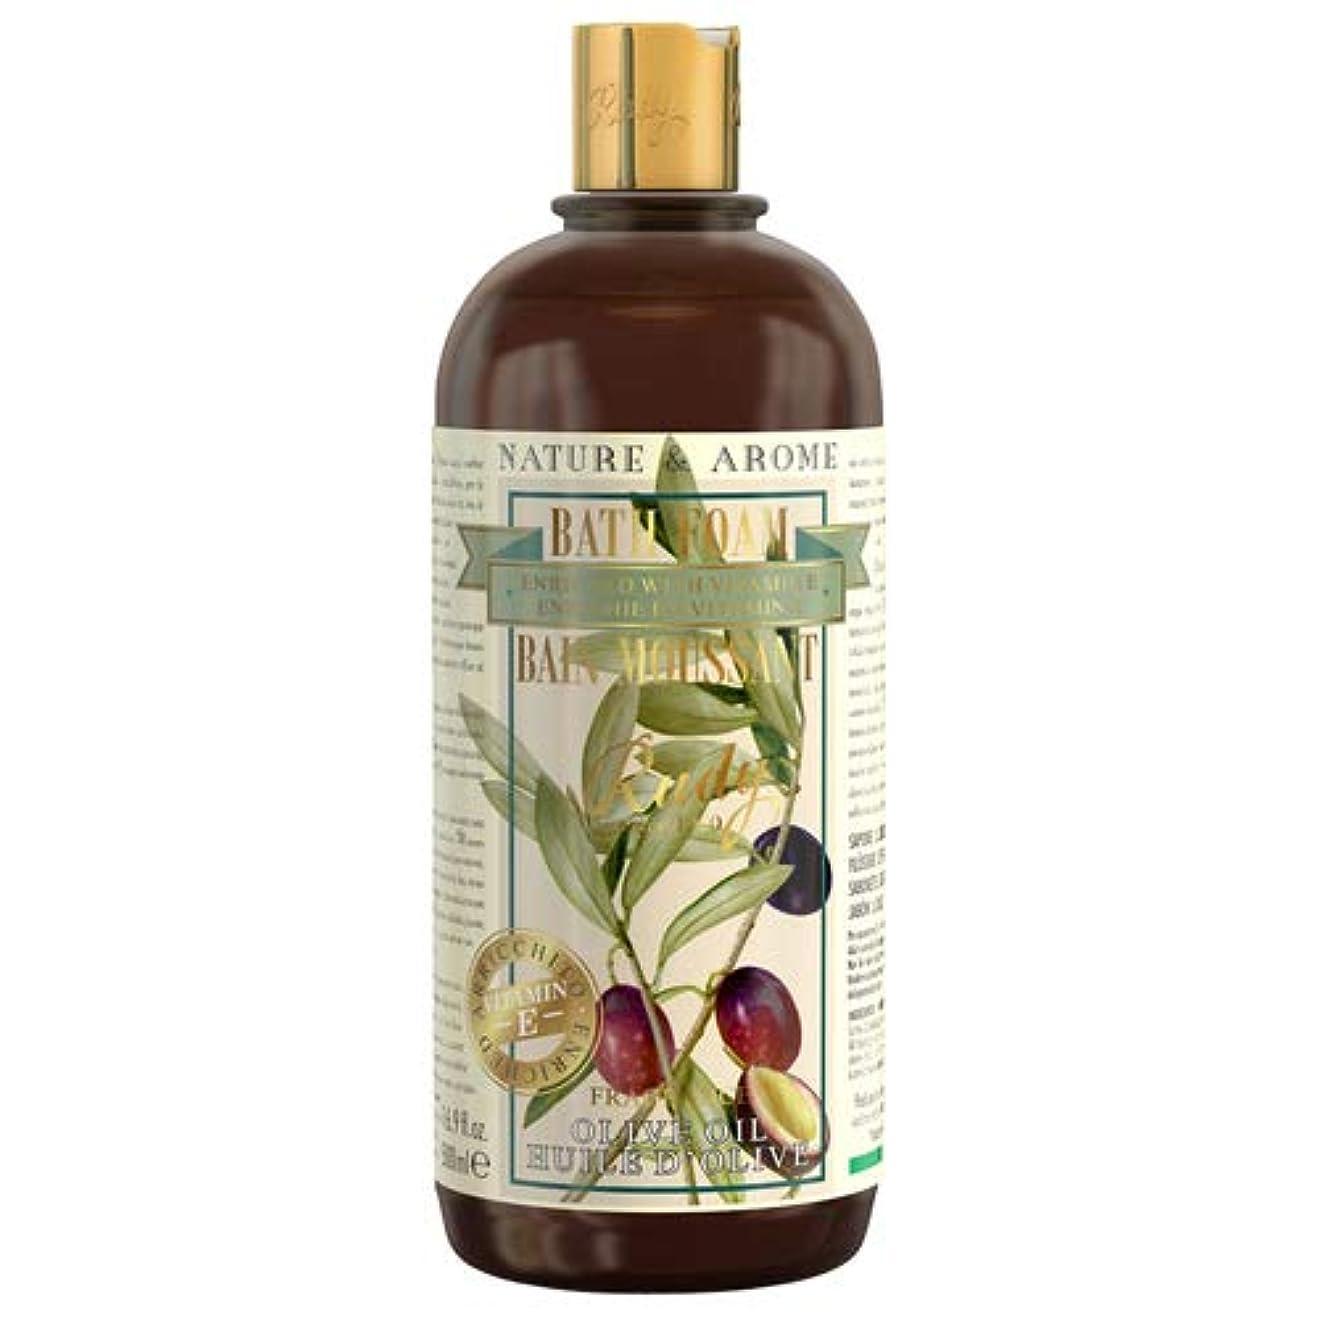 立証する徹底無意識RUDY Nature&Arome Apothecary ネイチャーアロマ アポセカリー Bath & Shower Gel バス&シャワージェル Olive Oil オリーブオイル